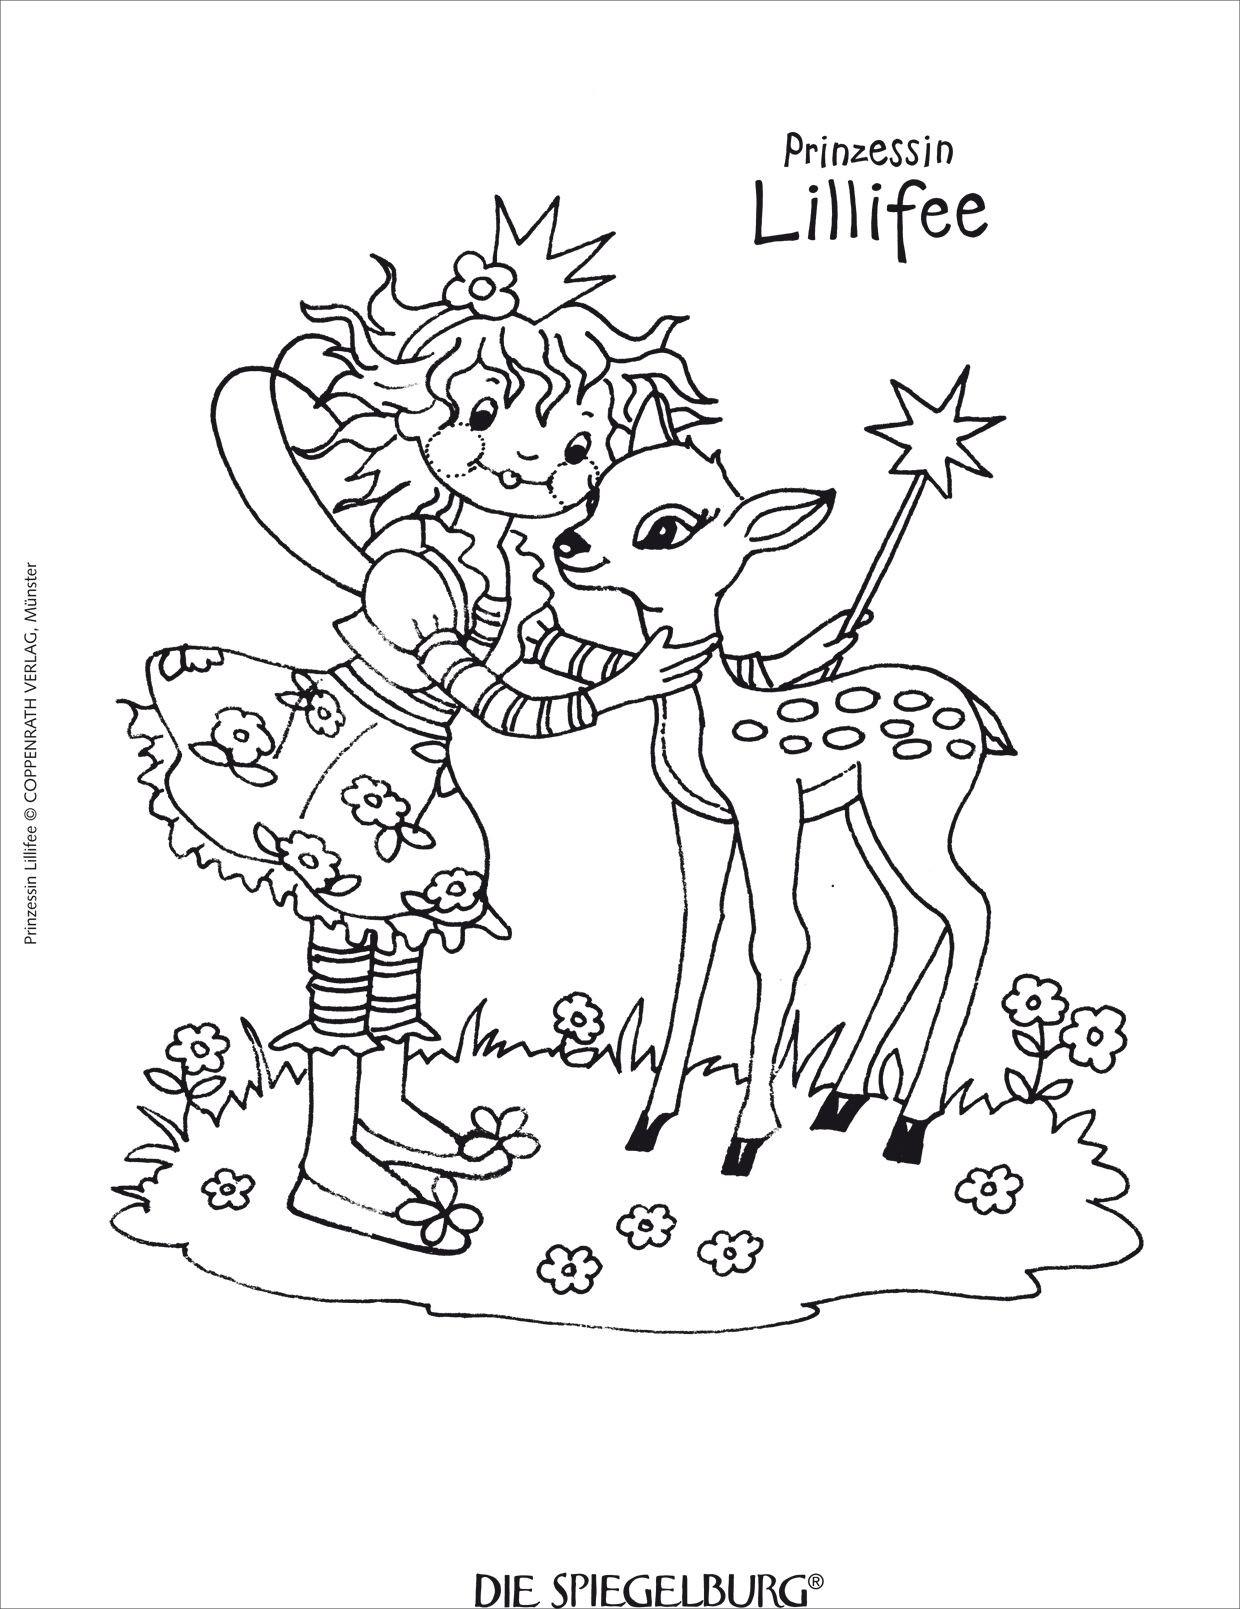 Malvorlagen Mario Neu Prinzessin Lillifee Ausmalbilder Und Malvorlagen 0gdr Stock